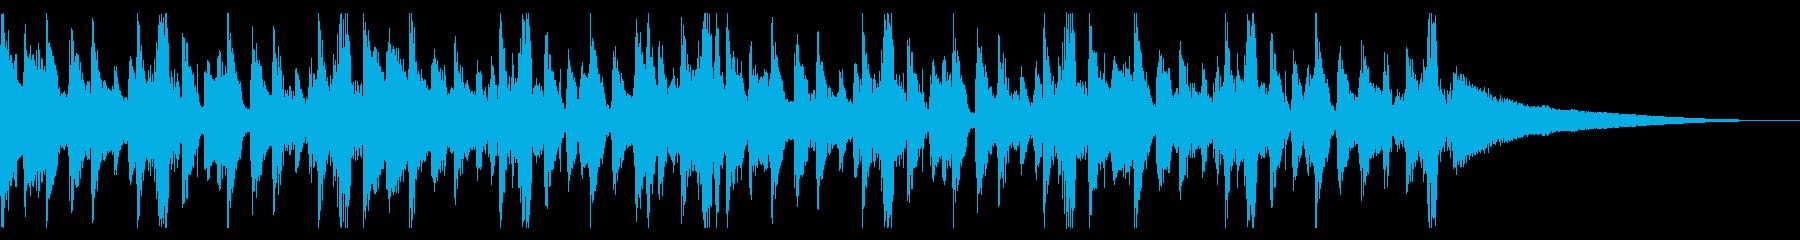 爽やかなハウス_4の再生済みの波形